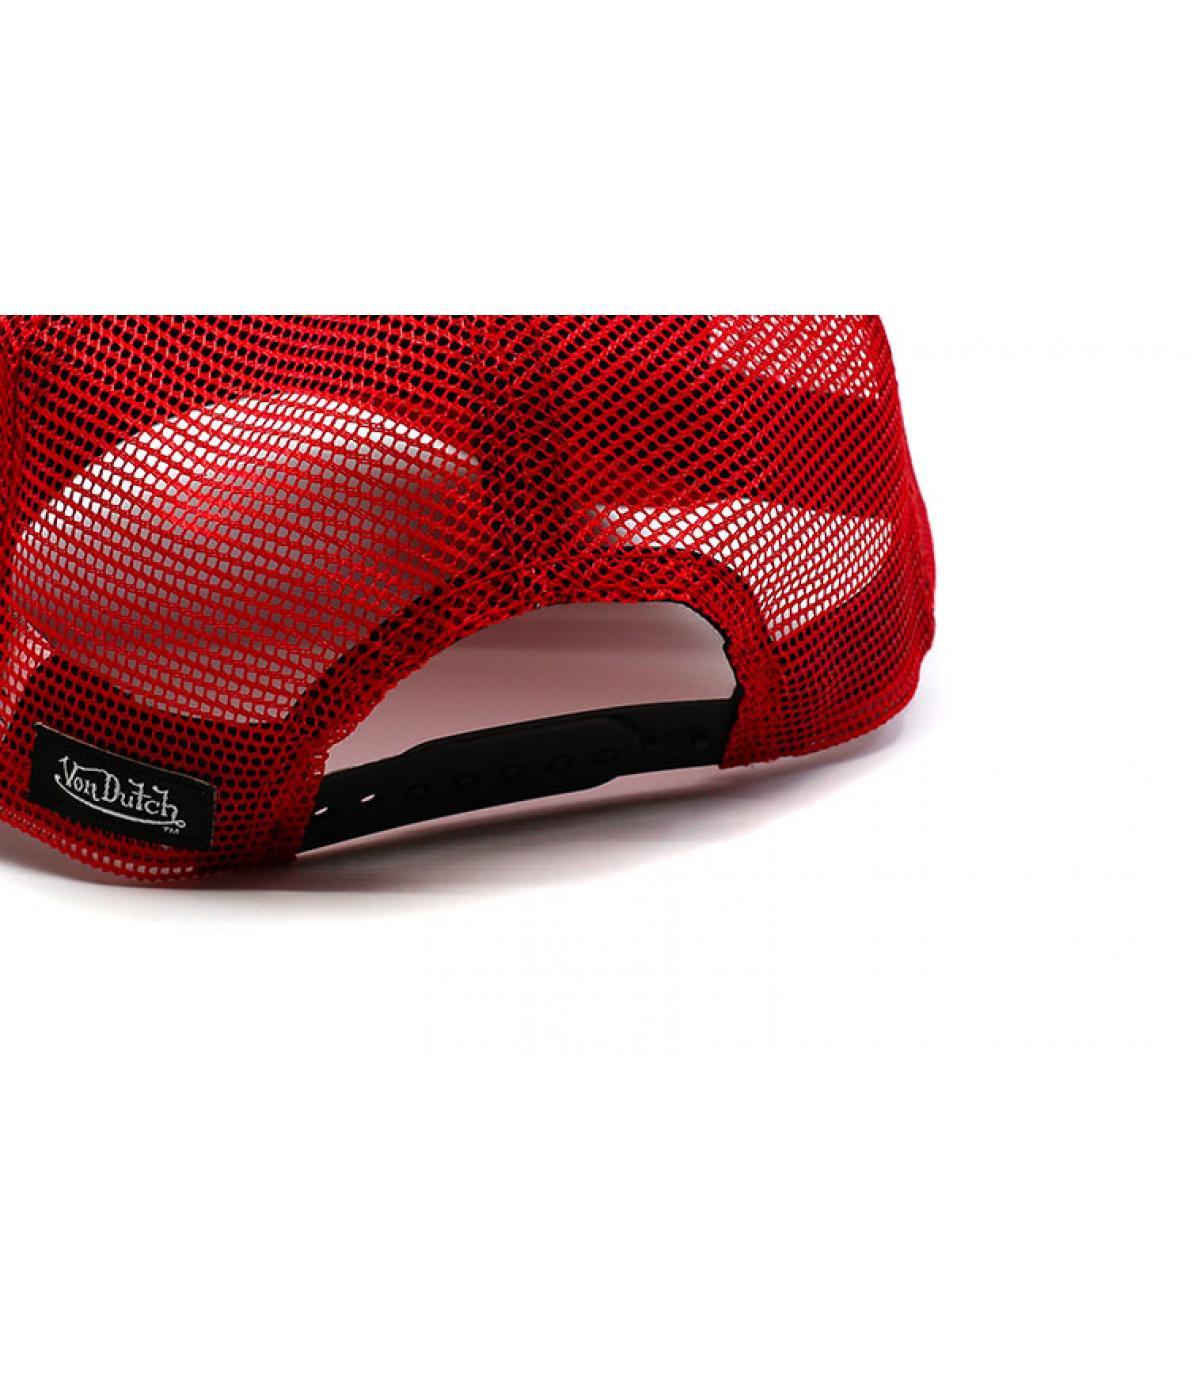 Details Trucker Eye Patch black red - Abbildung 5